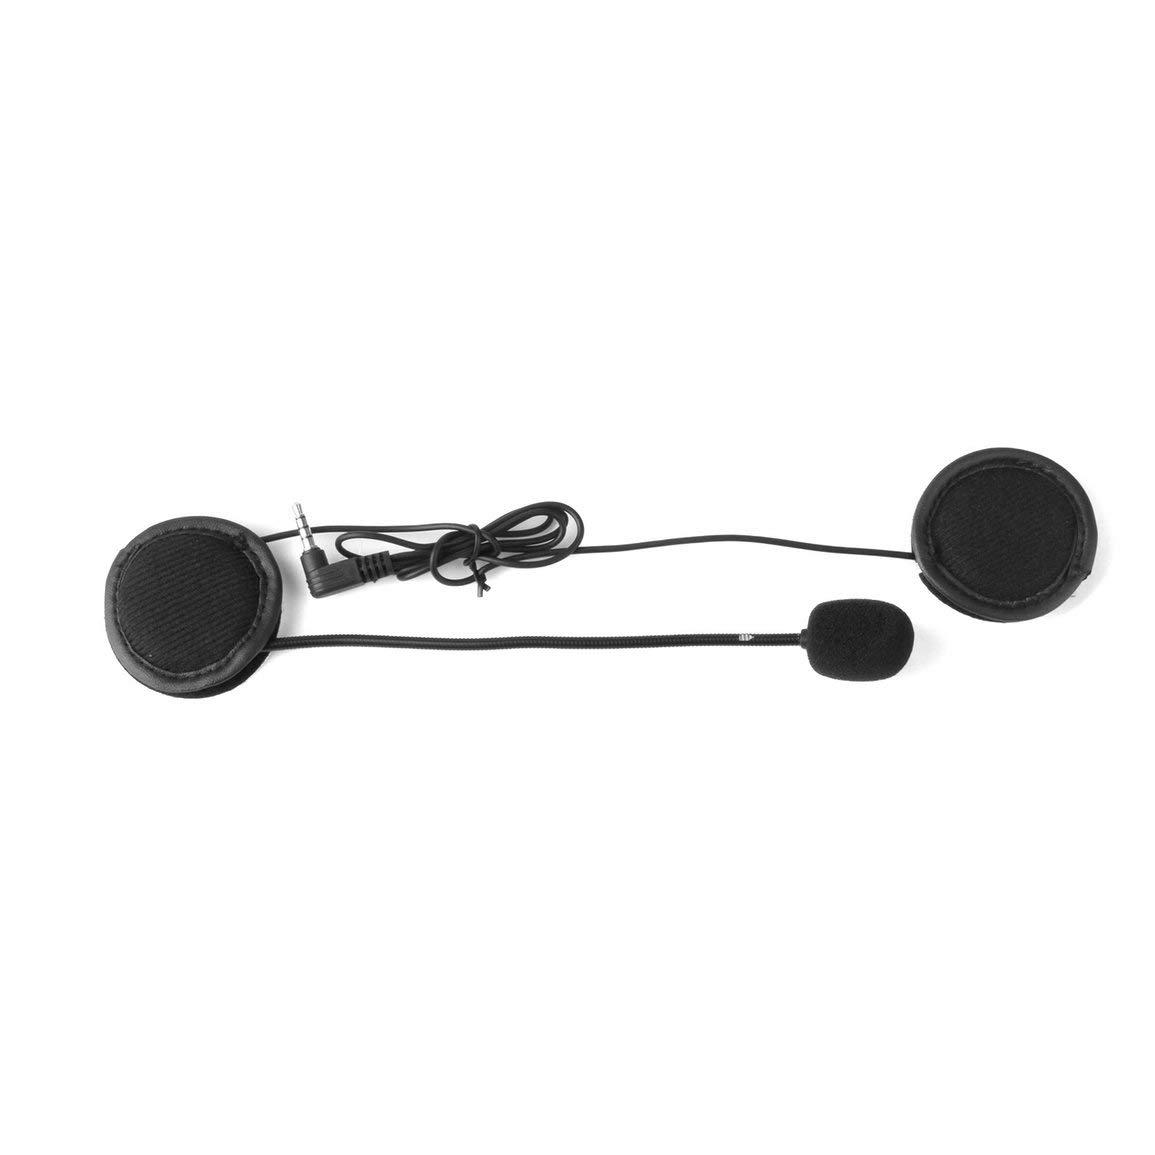 V6 Interphone Universal del Receptor de Cabeza del intercomunicador del Casco Clip para el Dispositivo Bluetooth de la Motocicleta Micr/ófono Altavoz Auricular V4